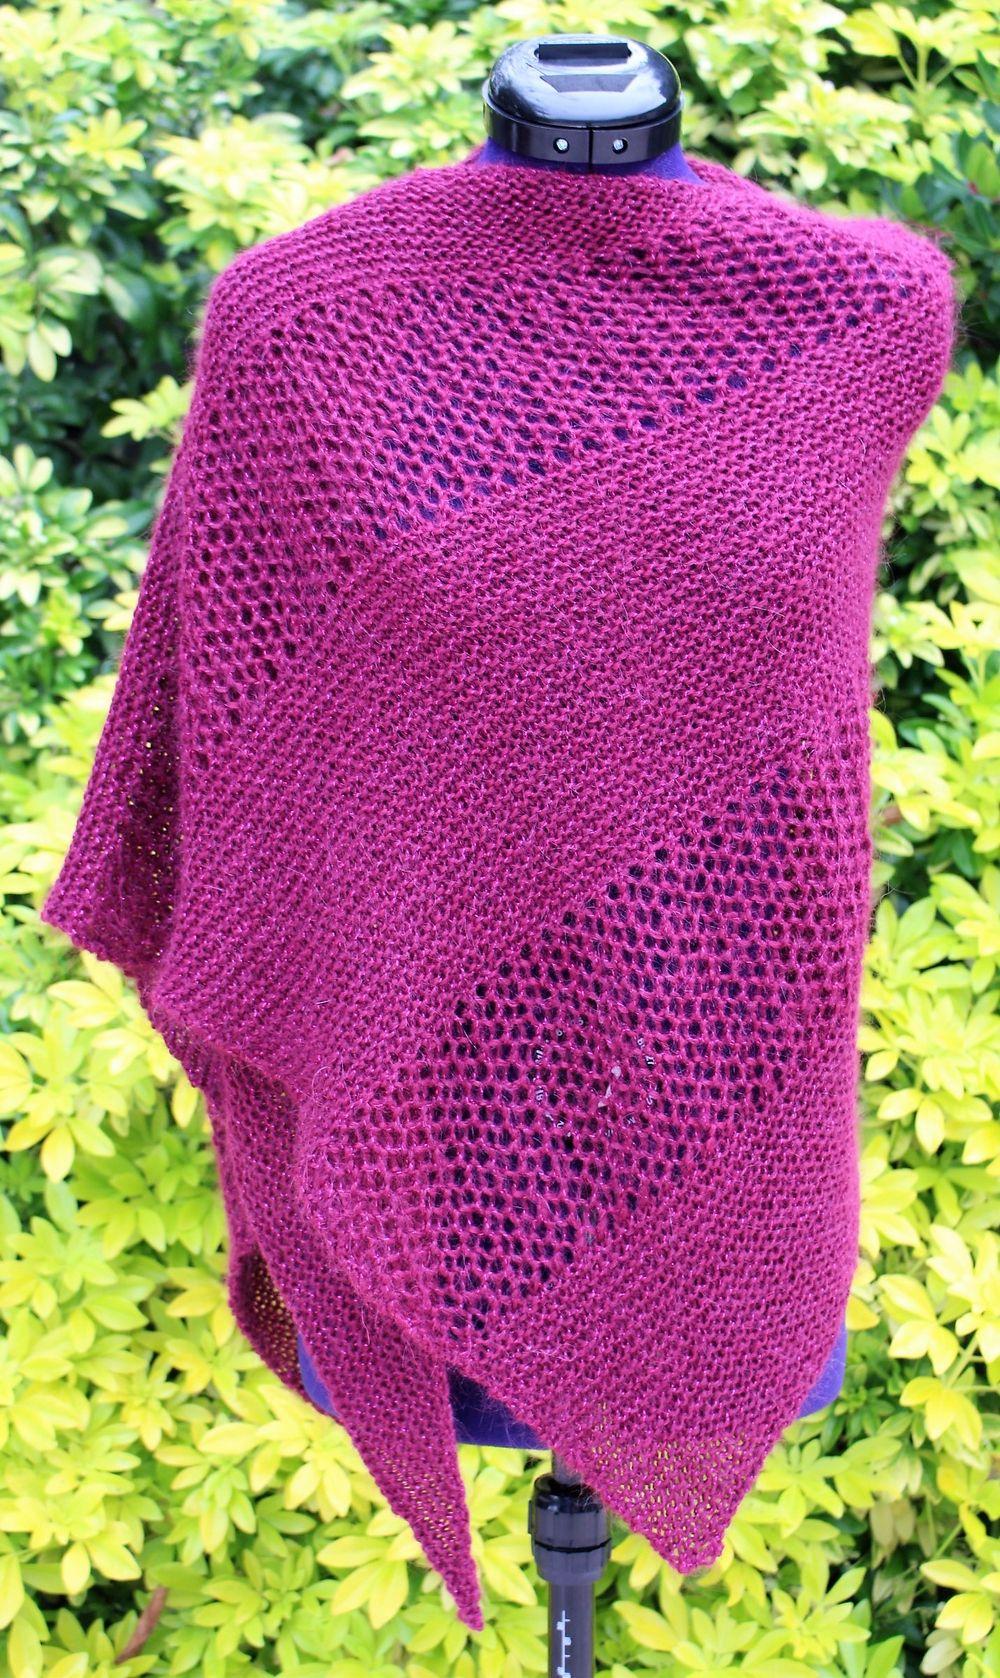 712cf6a55535 Épinglé par Chaliere sur ARTISTES et CREATEURS   Pinterest   Poncho laine,  Écharpes tricotées et Etole